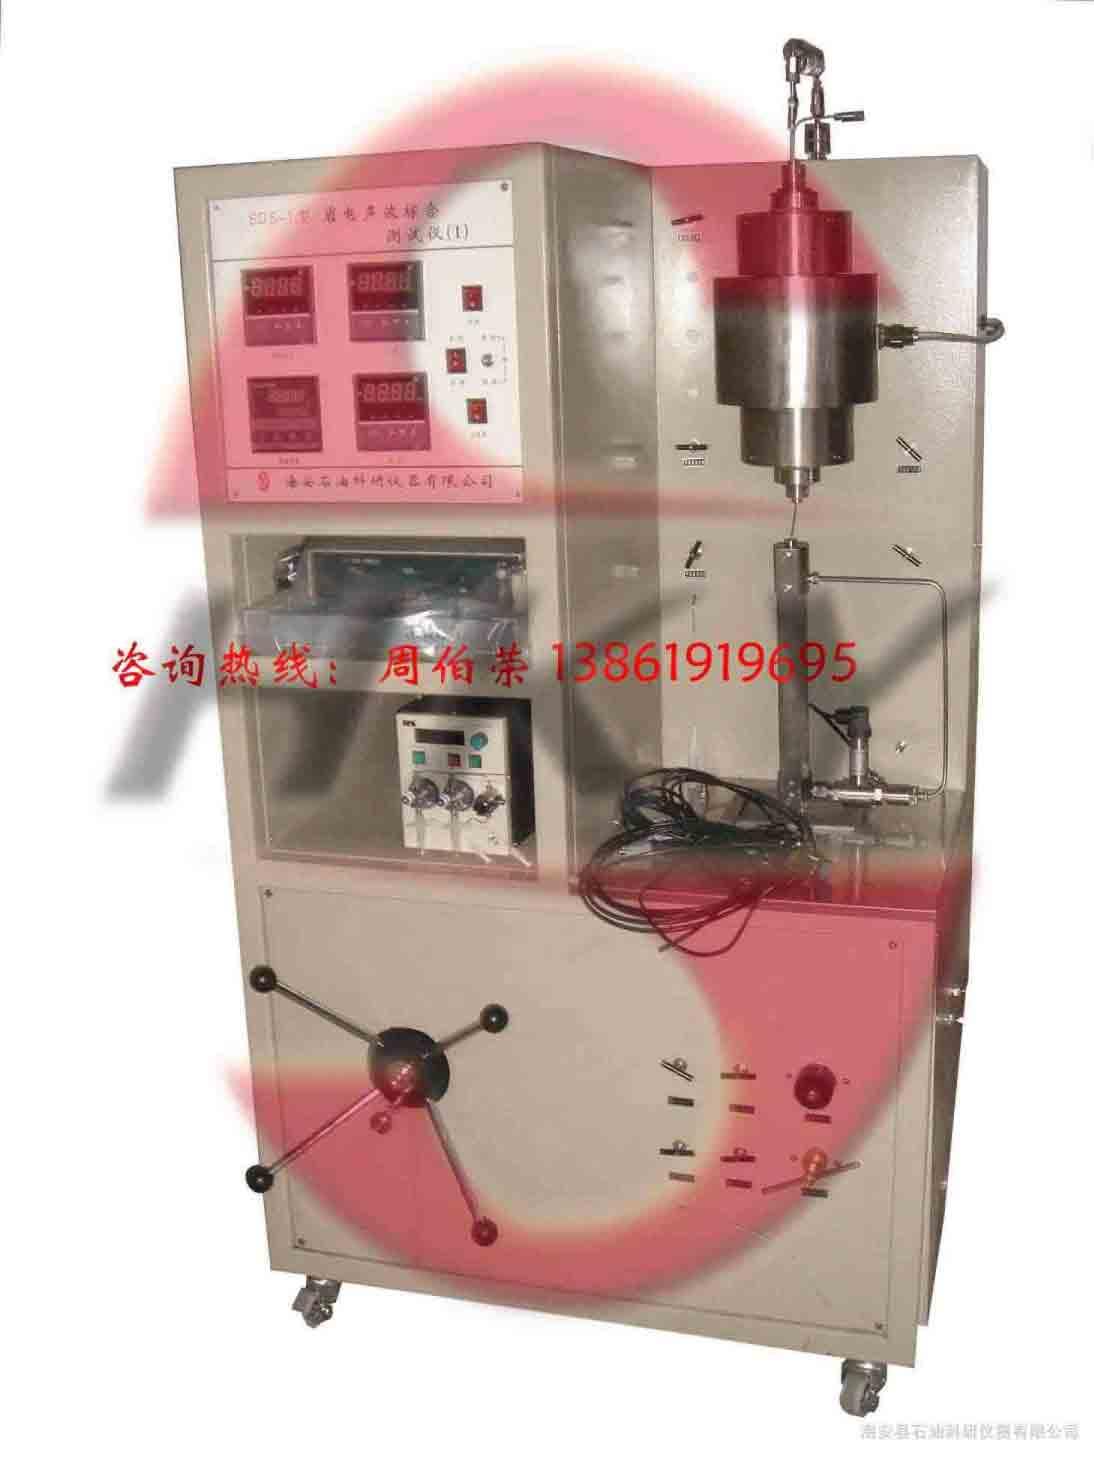 岩石声电综合测试仪,岩石声电综合测试仪厂家,岩石声电综合测试仪哪个厂家好